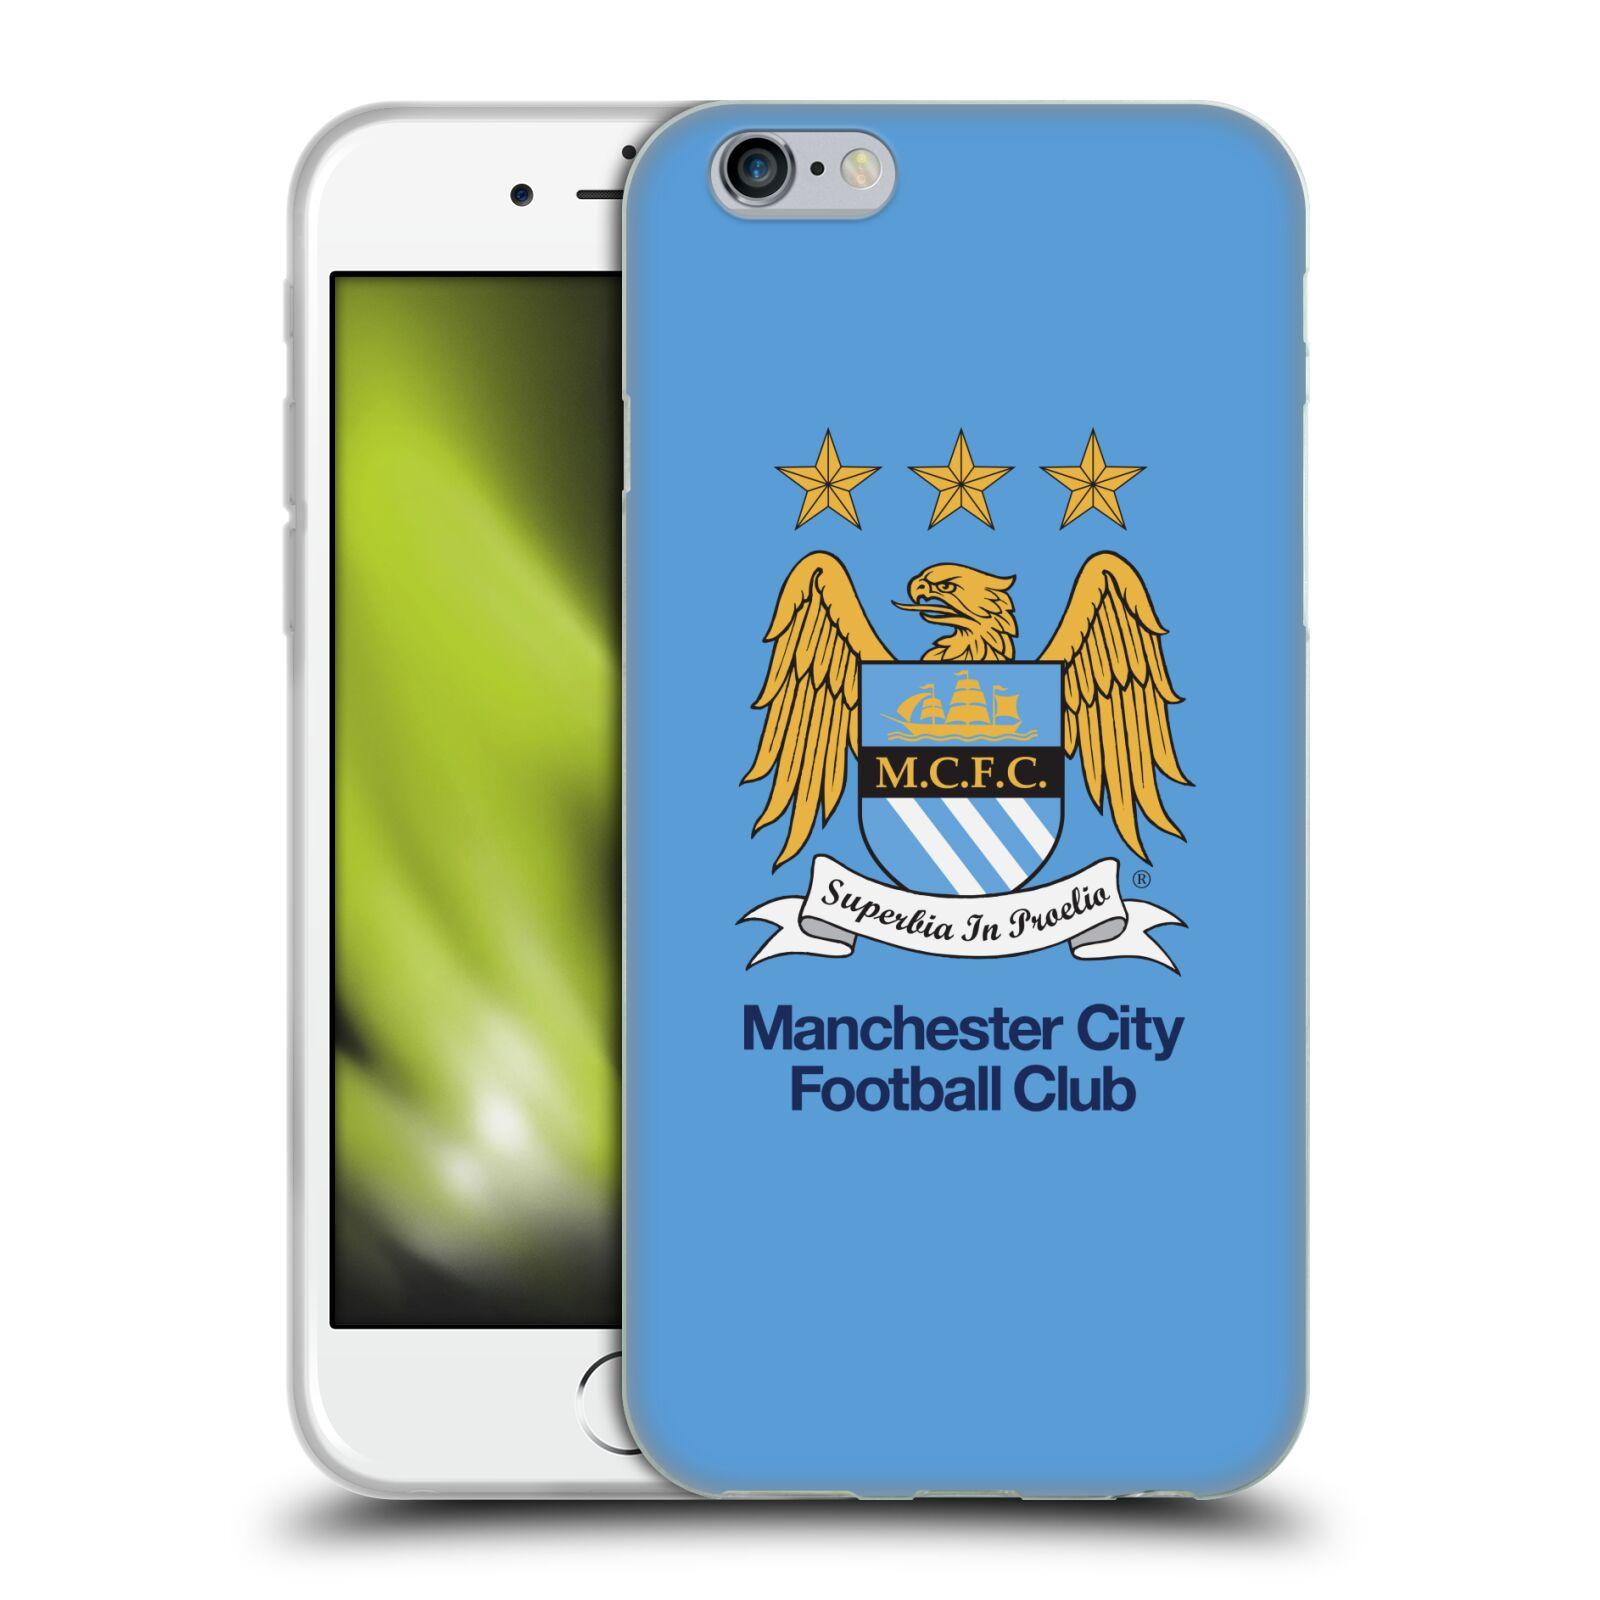 HEAD CASE silikonový obal na mobil Apple Iphone 6/6S Fotbalový klub Manchester City nebesky modrá pozadí velký znak pták